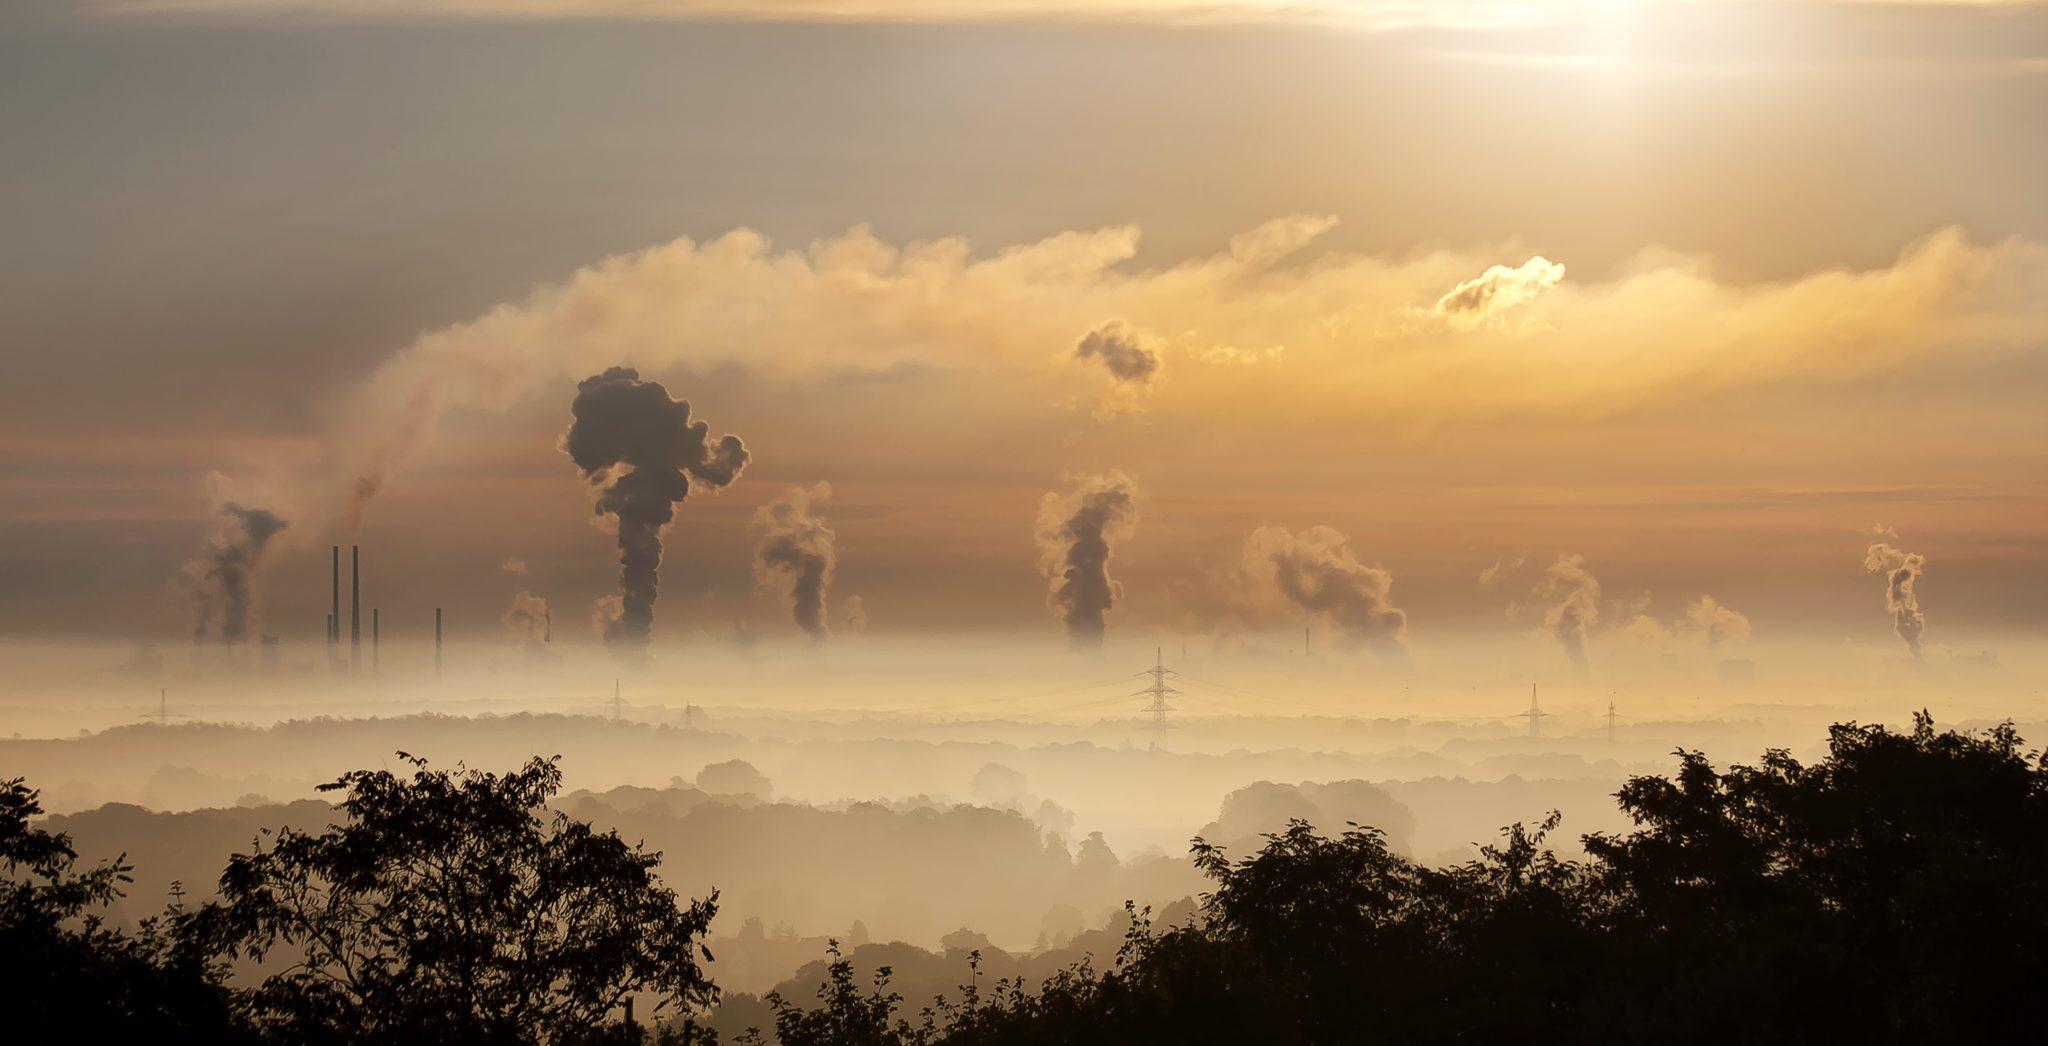 Kohlekraftwerke pusten viel Kohlendioxid in die Luft – das erwärmt die Erde in bedenklichem Ausmass.